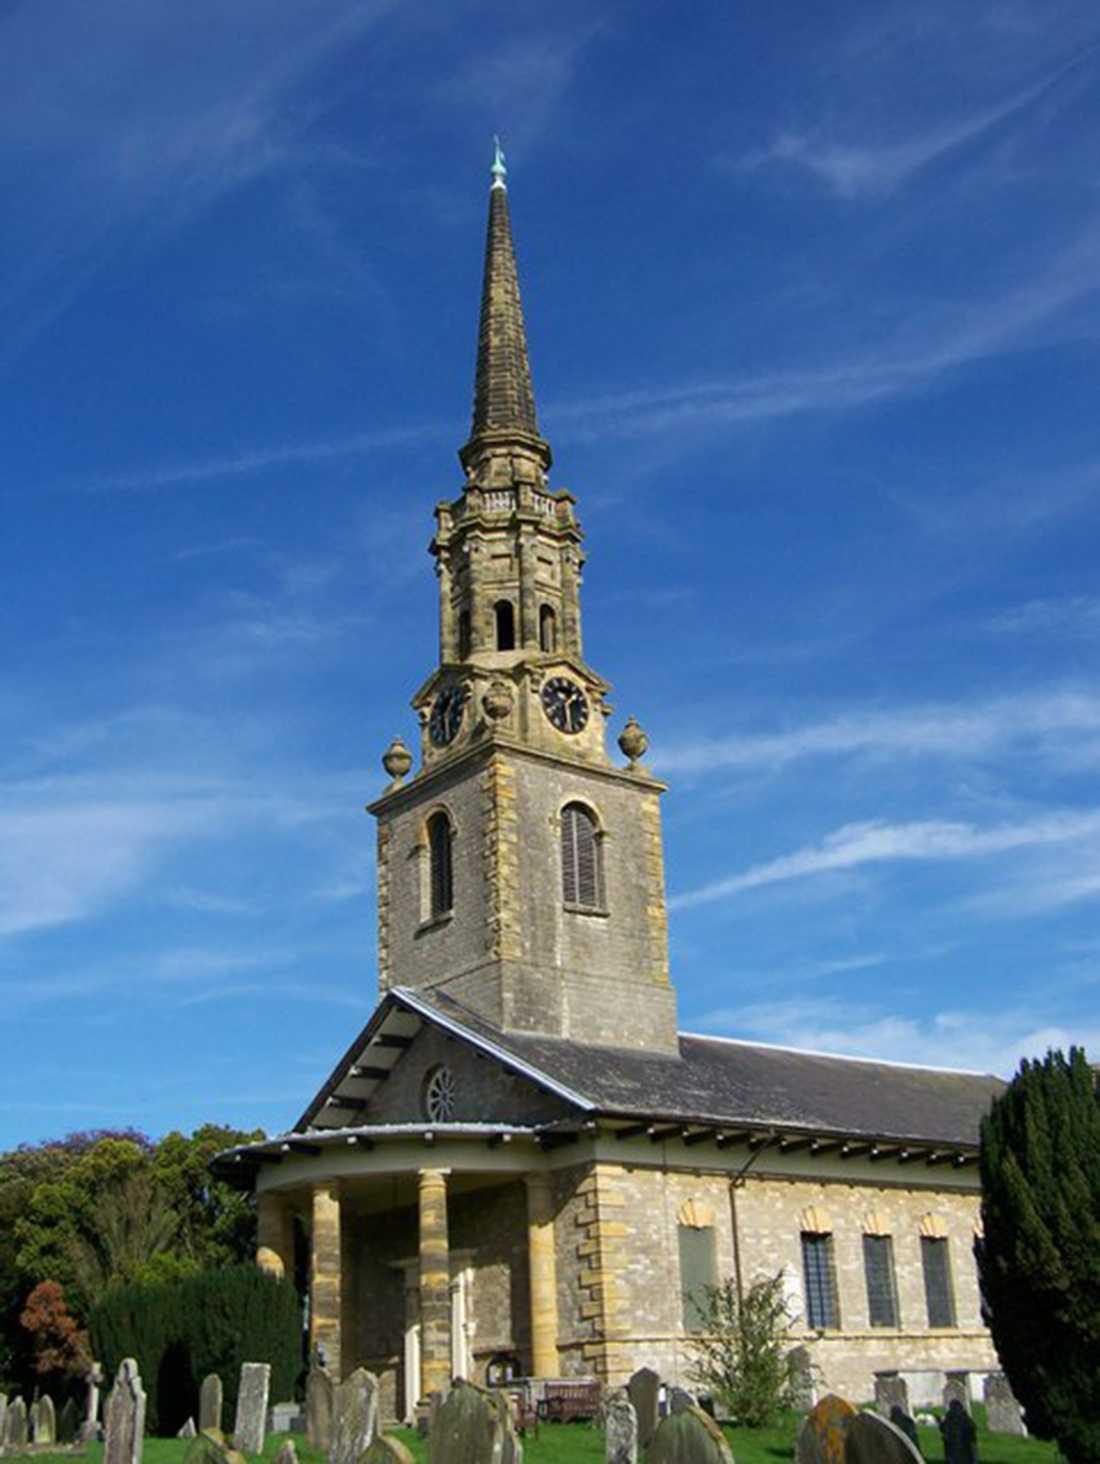 St Lawrence-kyrkan i Kent, Storbritannien.